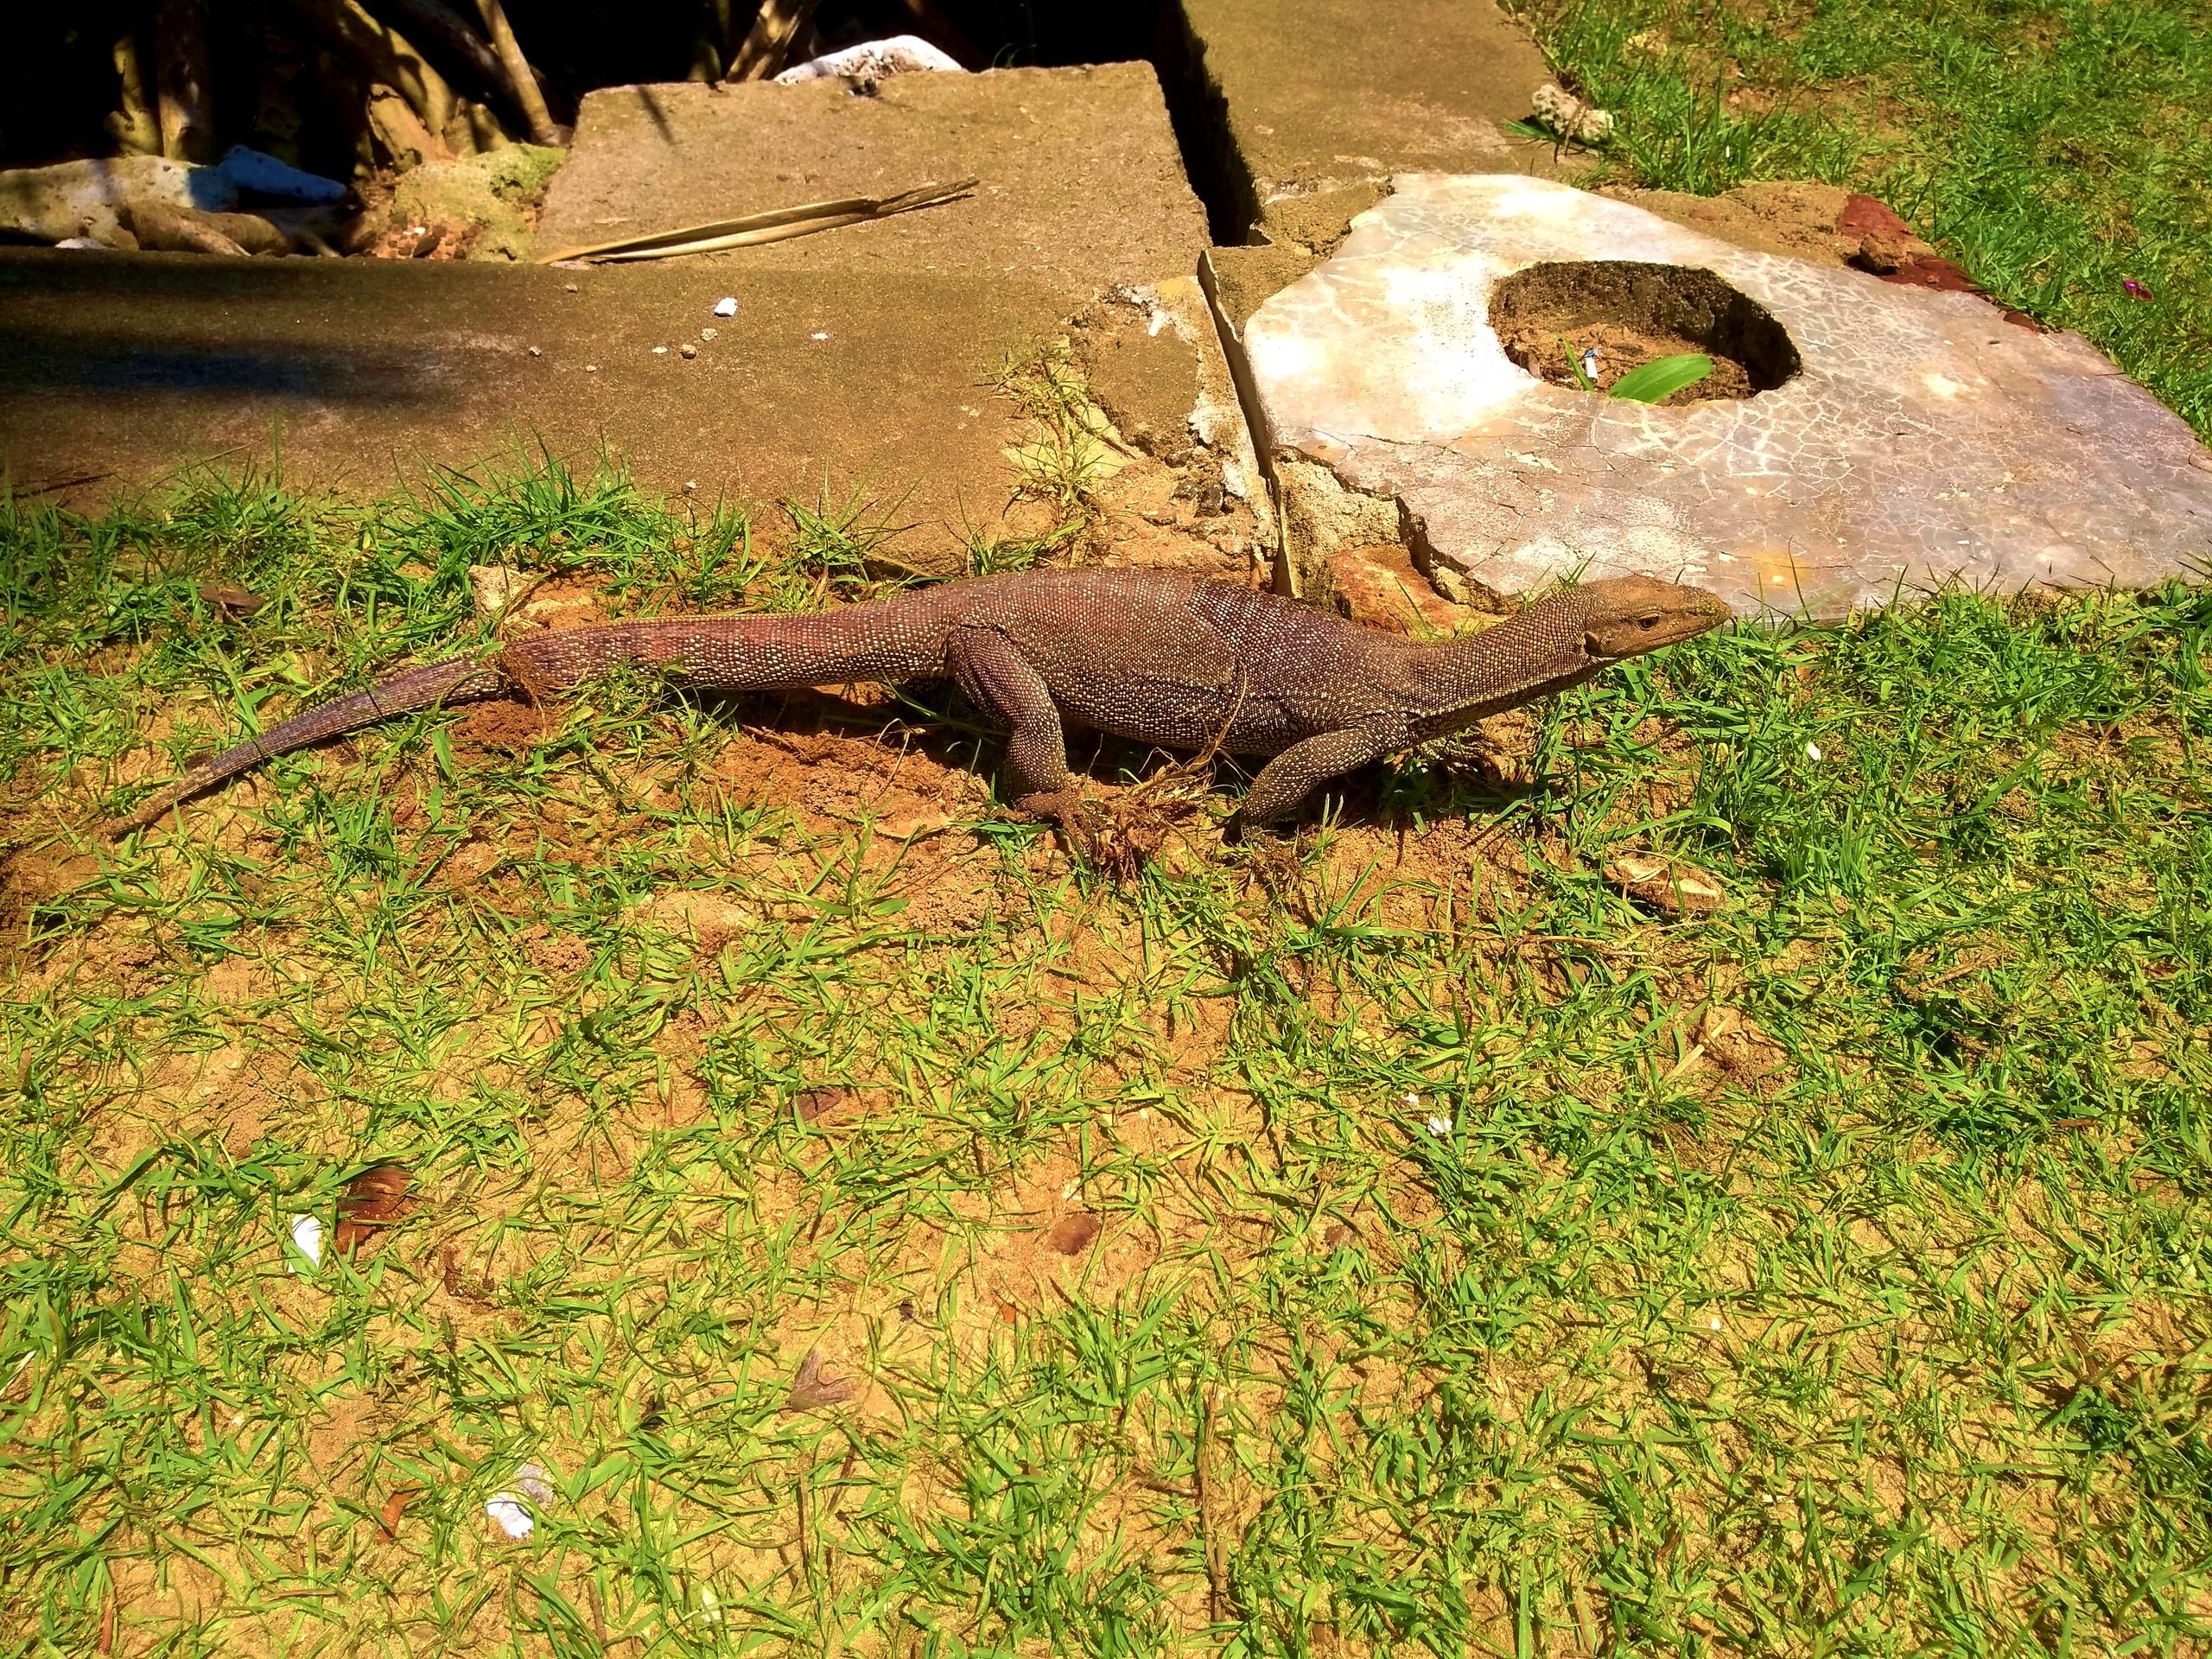 Шри Ланка (фото) - Страница 9 ZIWSkwGrIa8